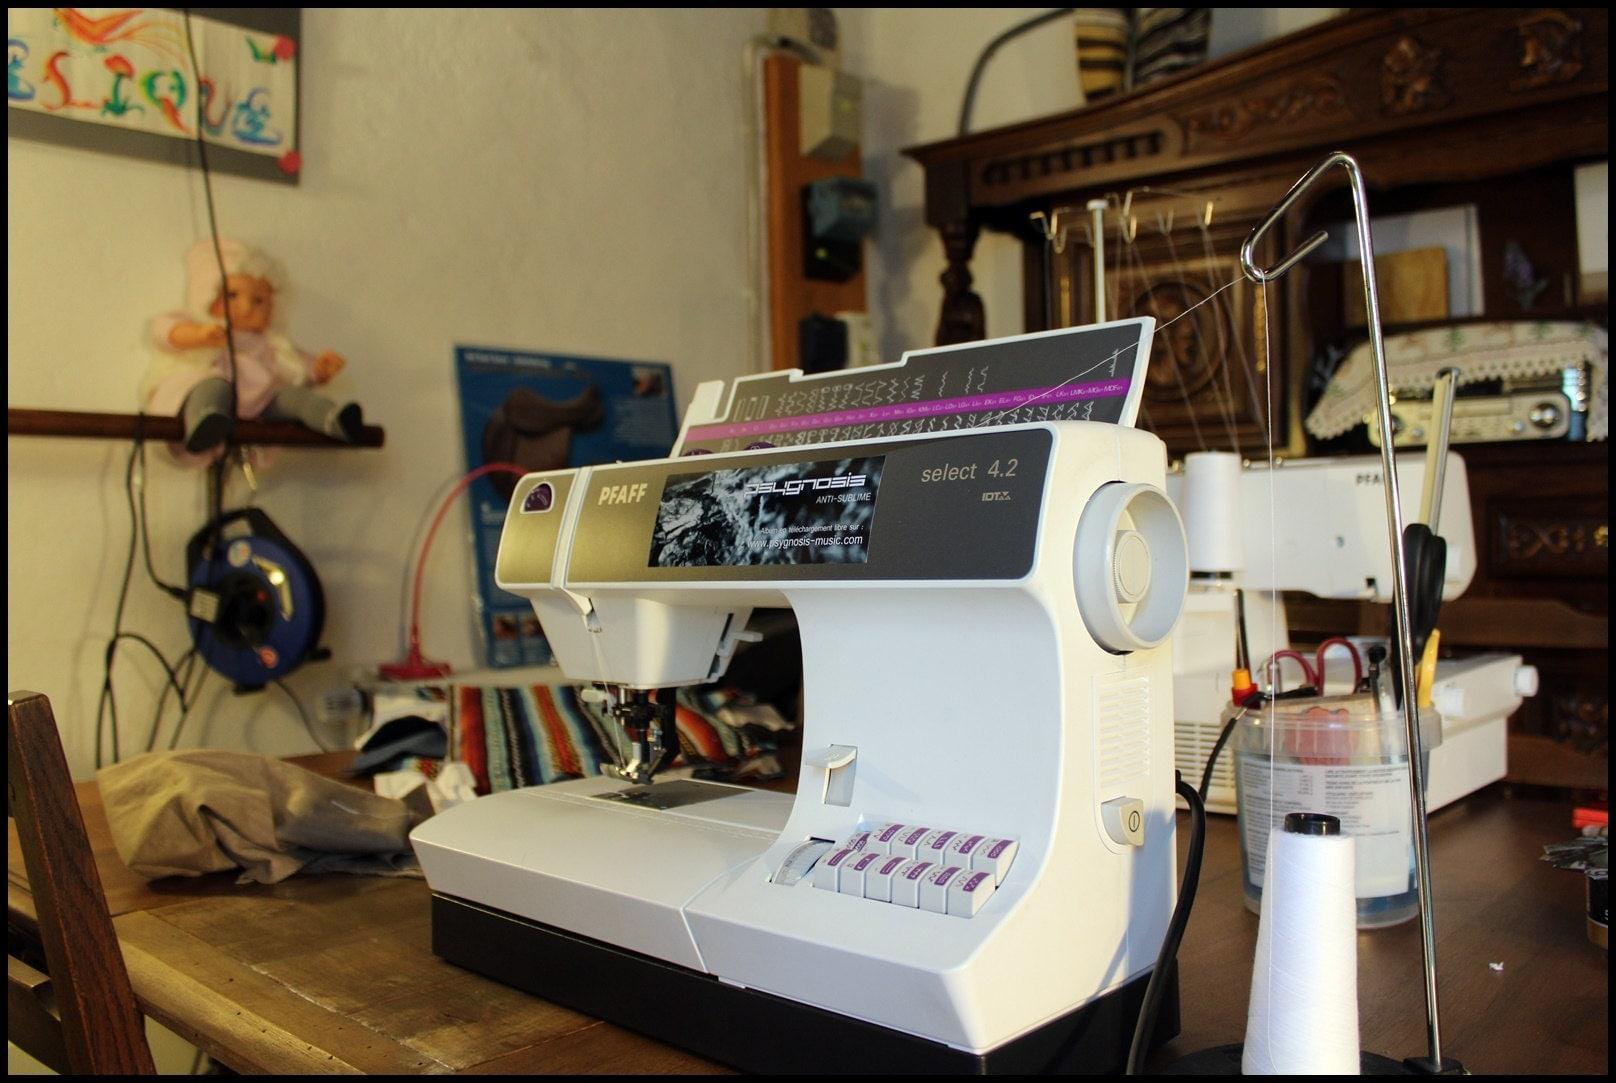 La machine à coudre dAngélique - The sewing machine of Angelique.